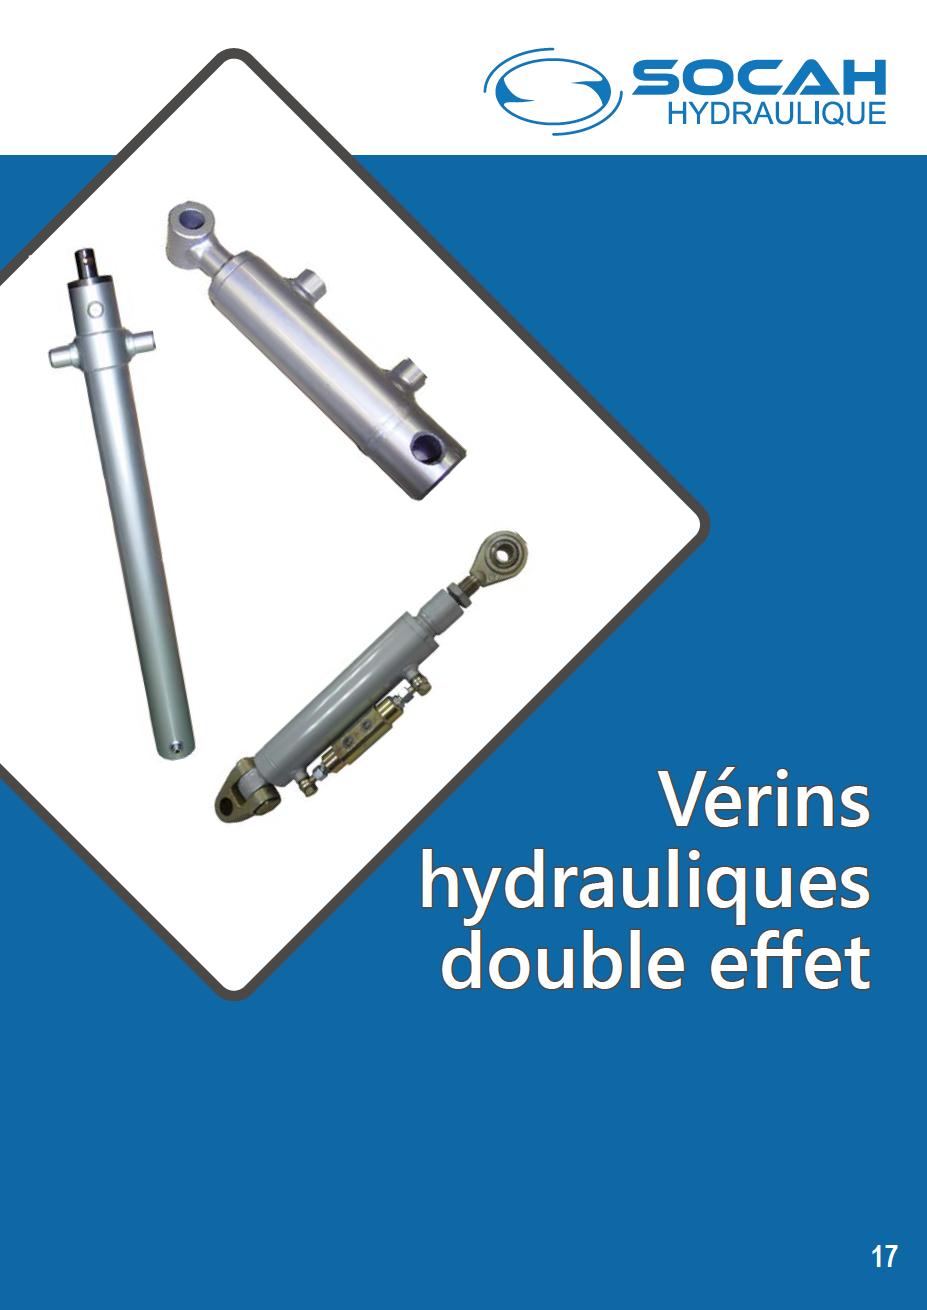 Fiche technique vérins hydrauliques double effet